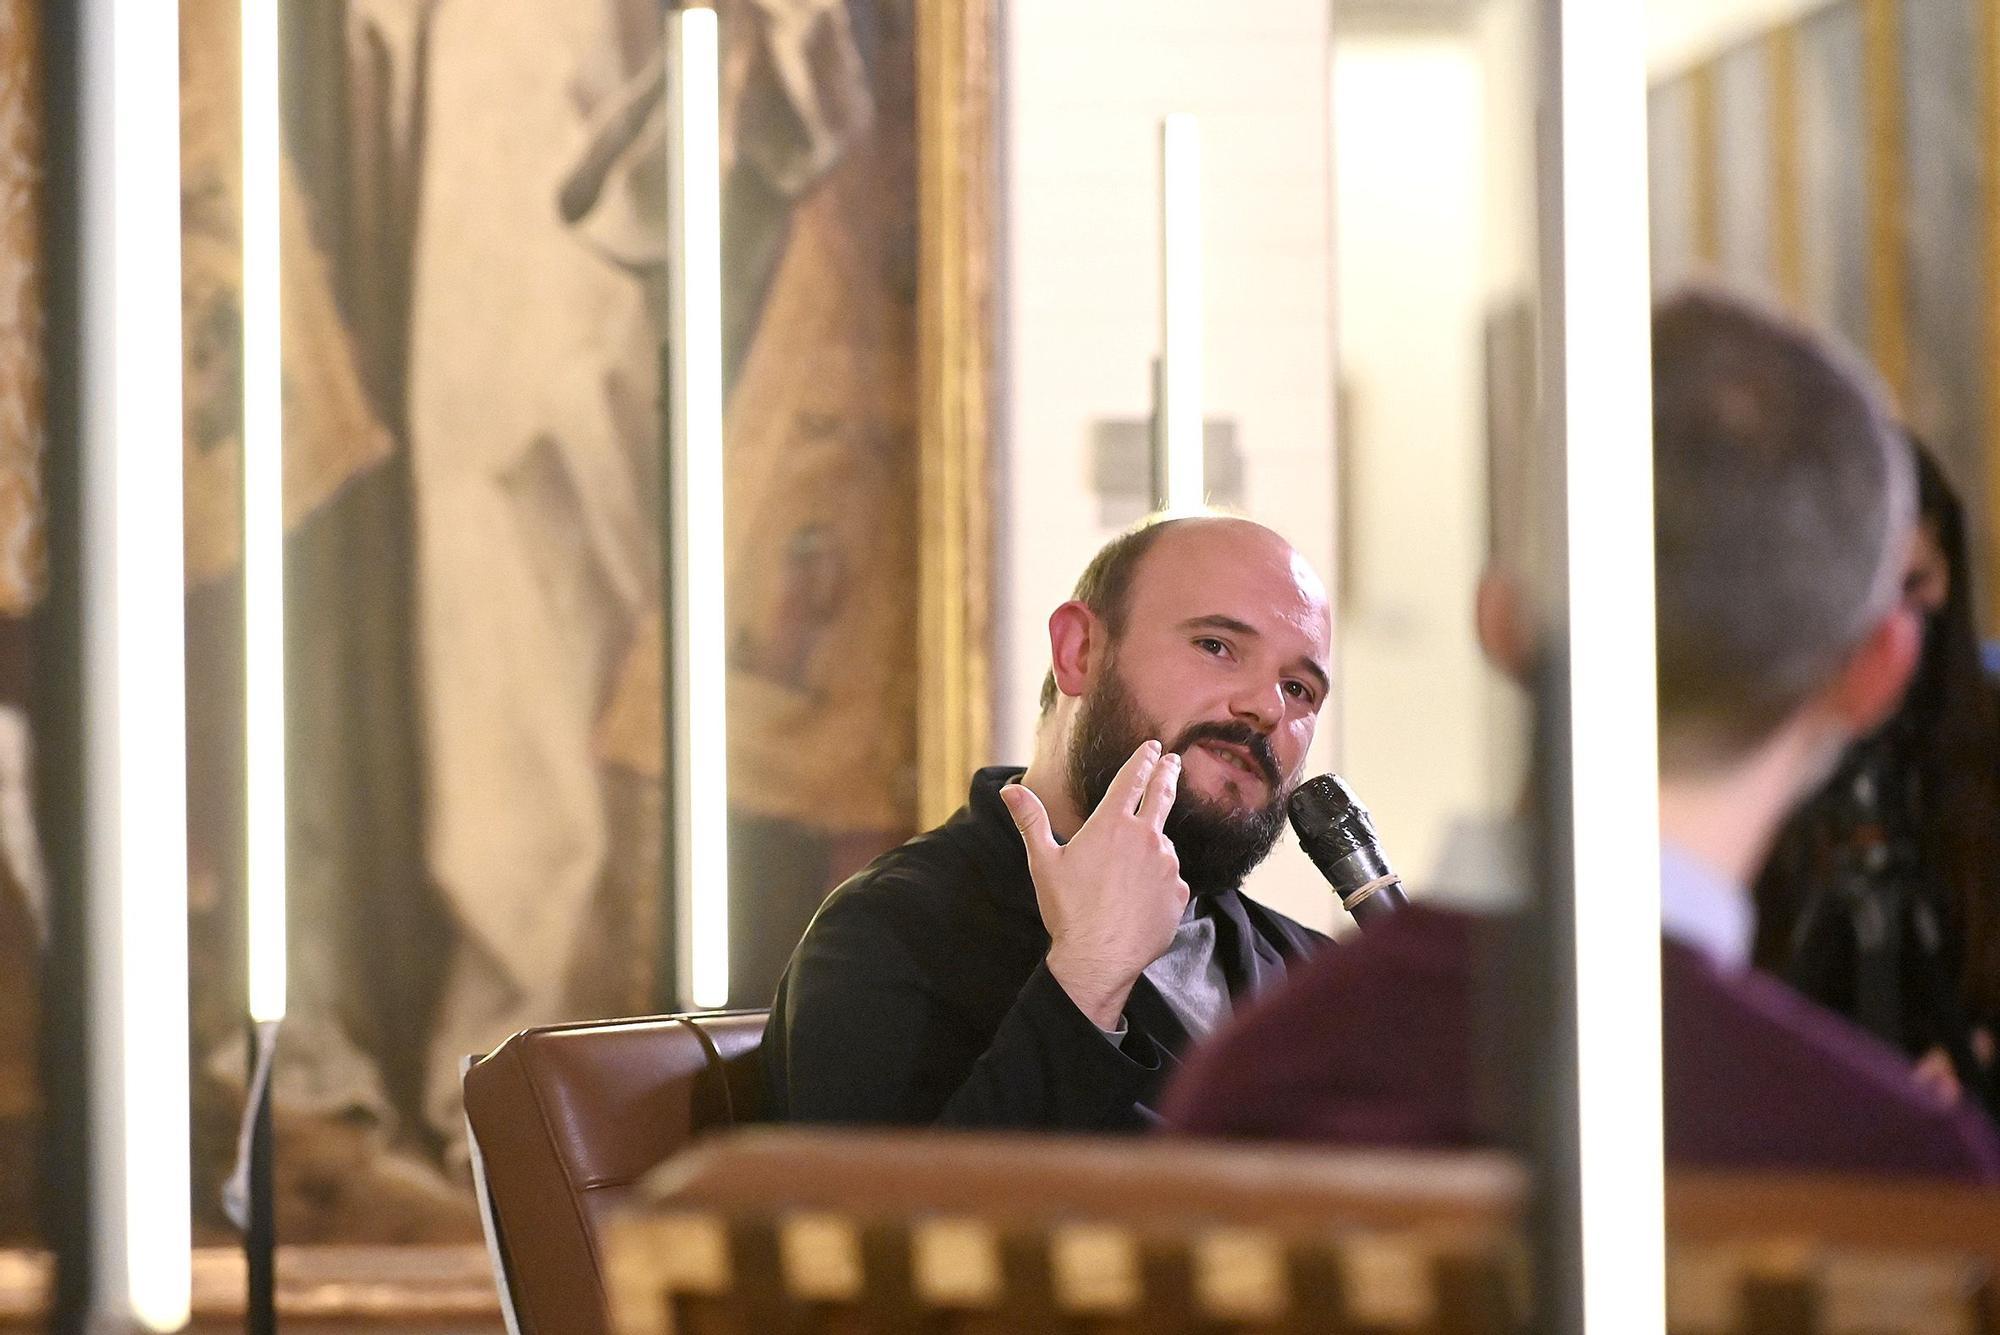 Niño de Elche habla de su arte y su cante en el Museu de Belles Arts de Castelló